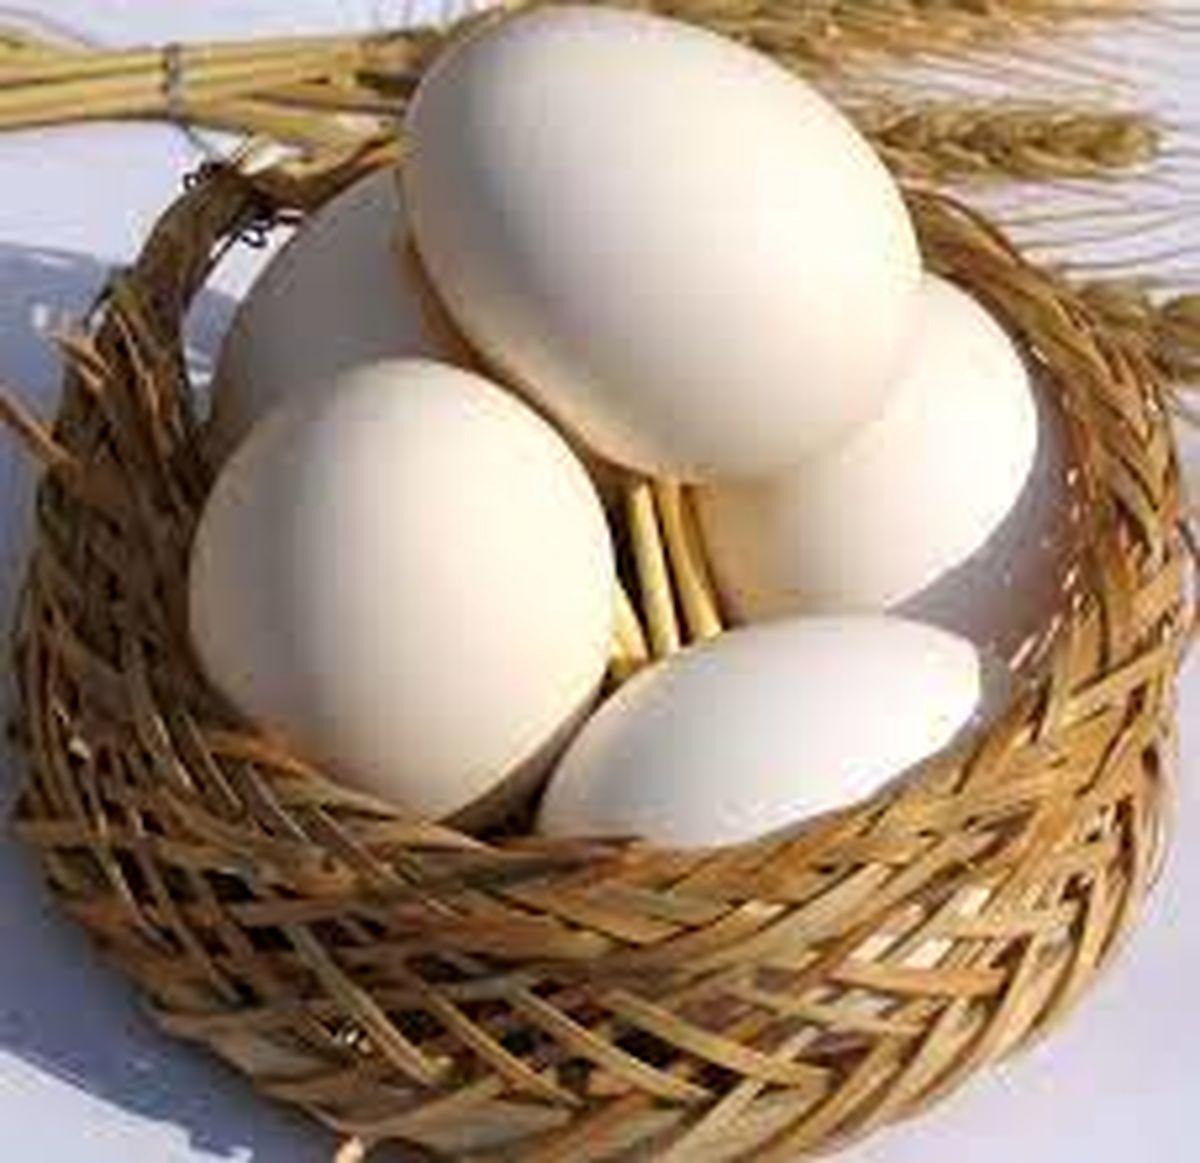 ۱۰ هزار تن تخم مرغ در روزهای آینده به کشور وارد میشود